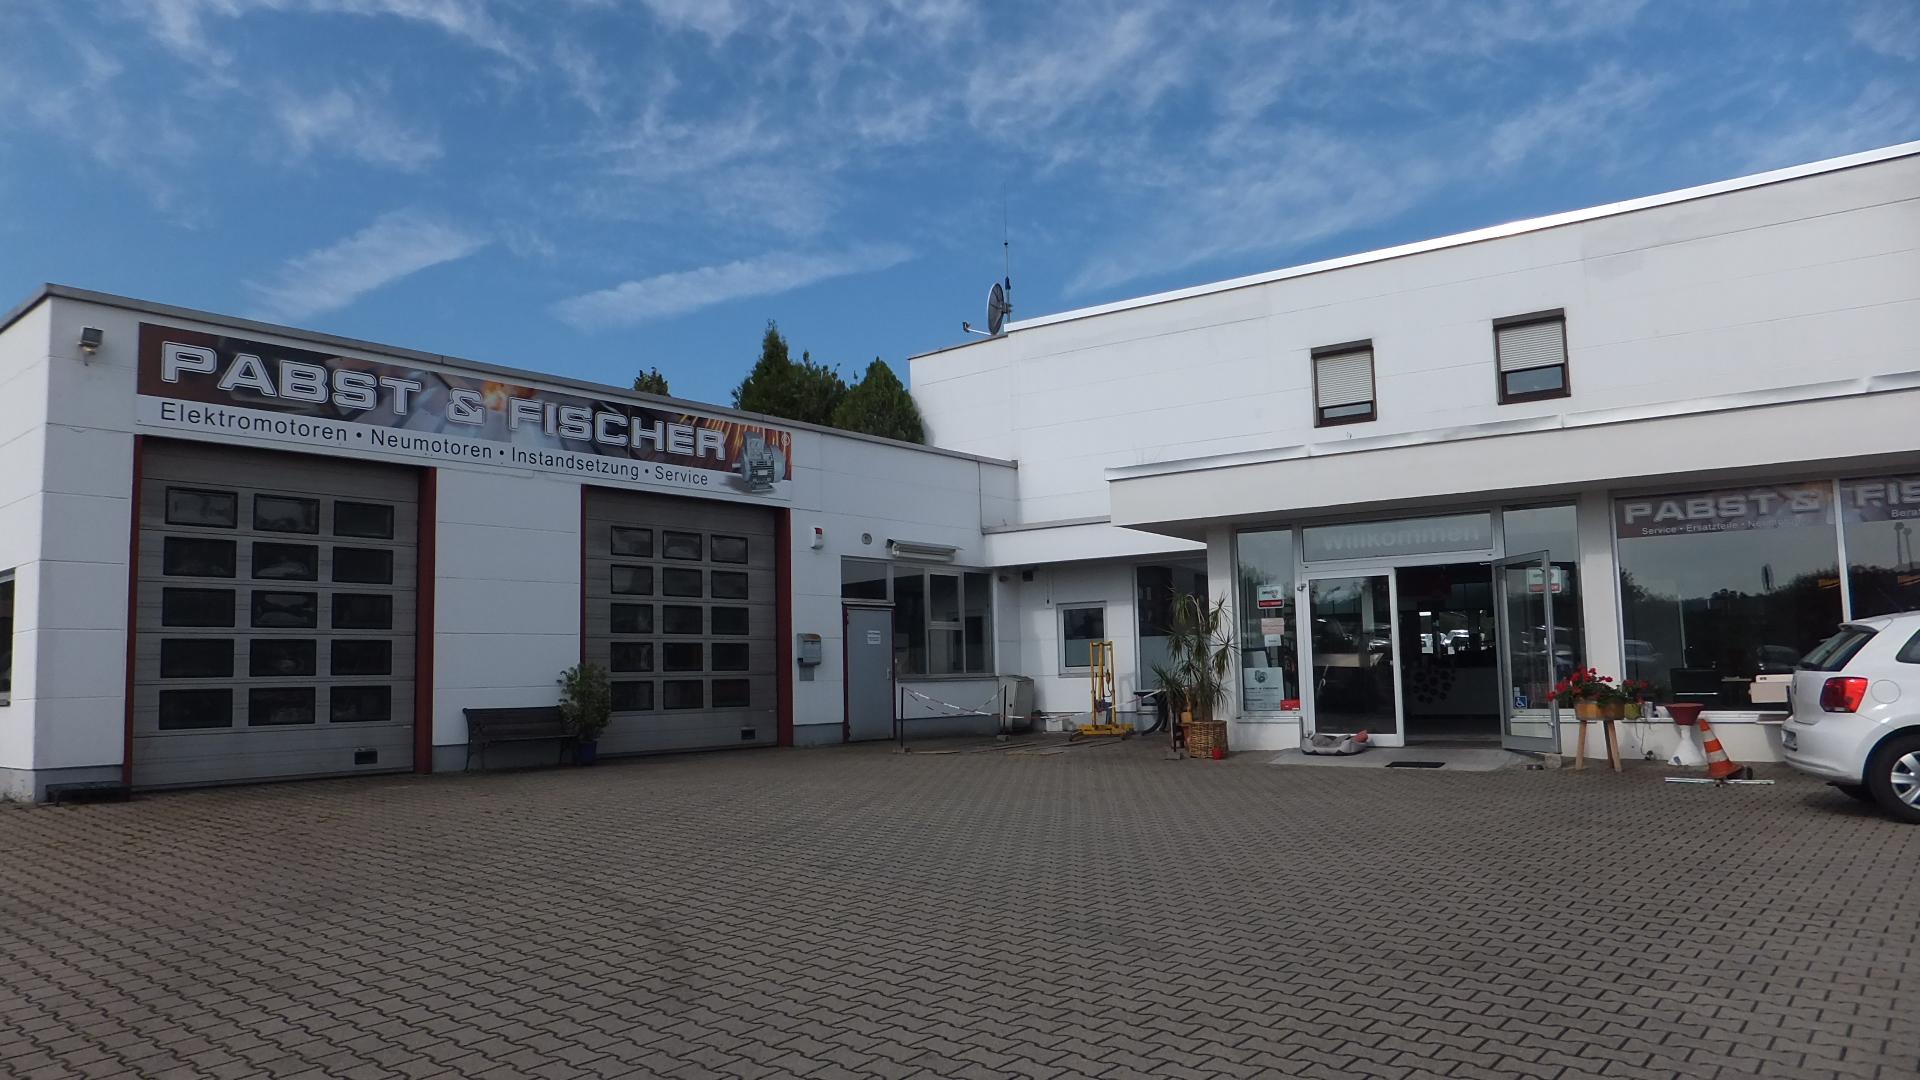 Startseite - Pabst & Fischer Elektromotoren